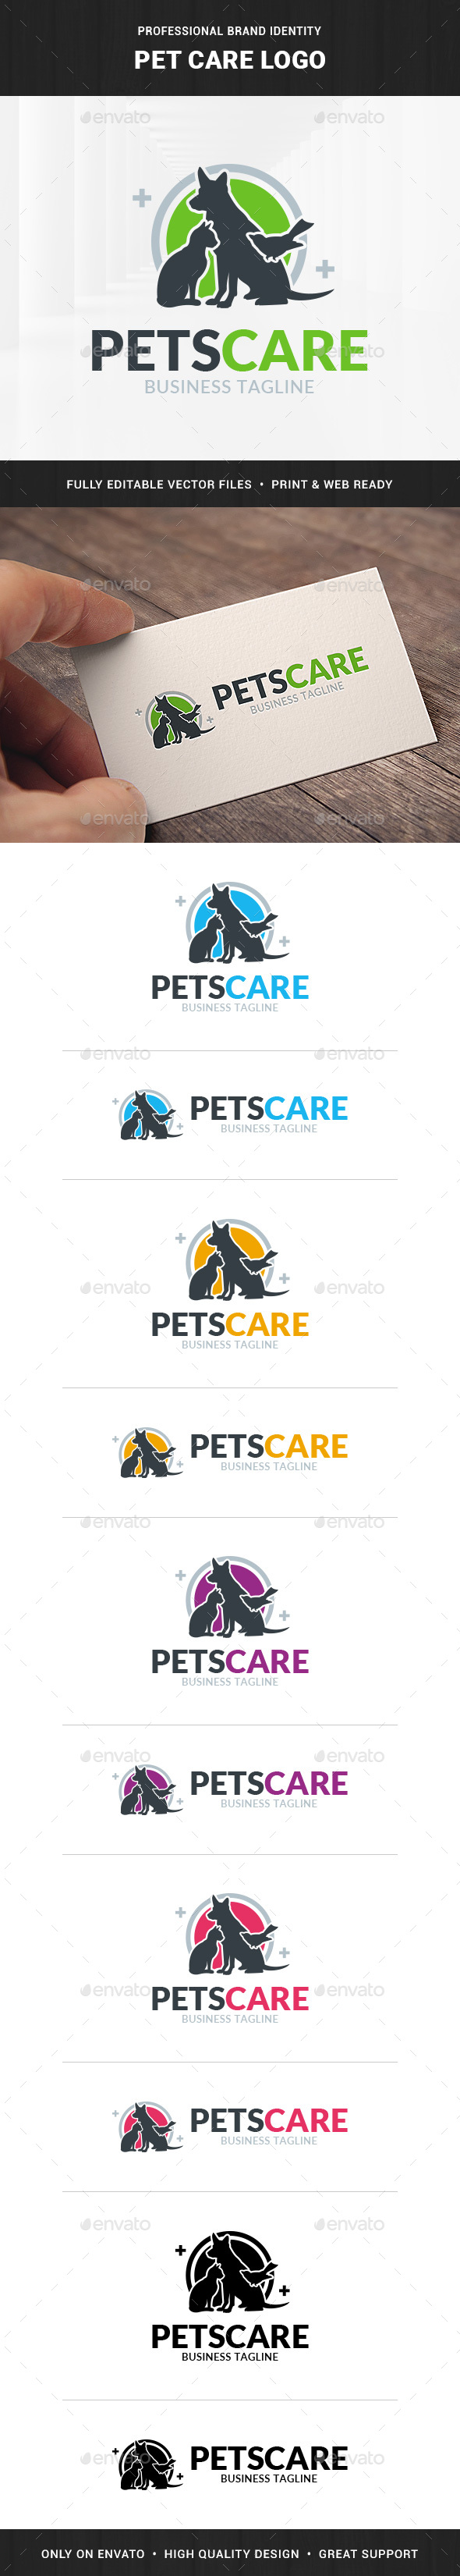 Pet Care Logo Template